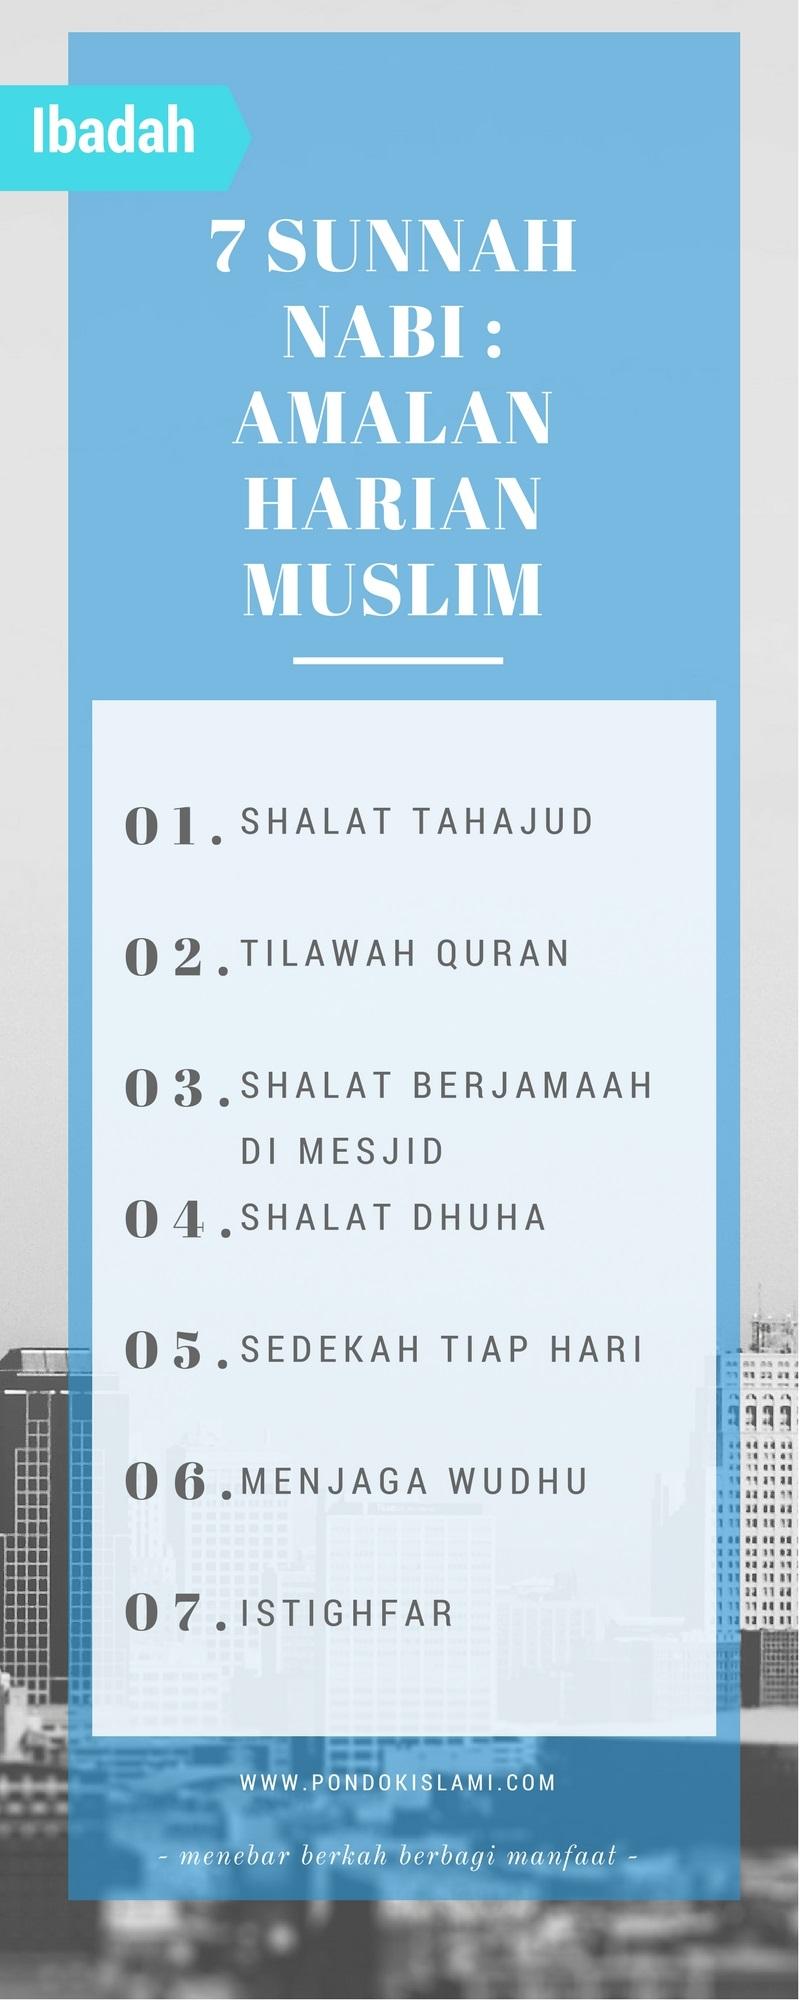 7 sunnah nabi muhammad sebagai amalan harian muslim